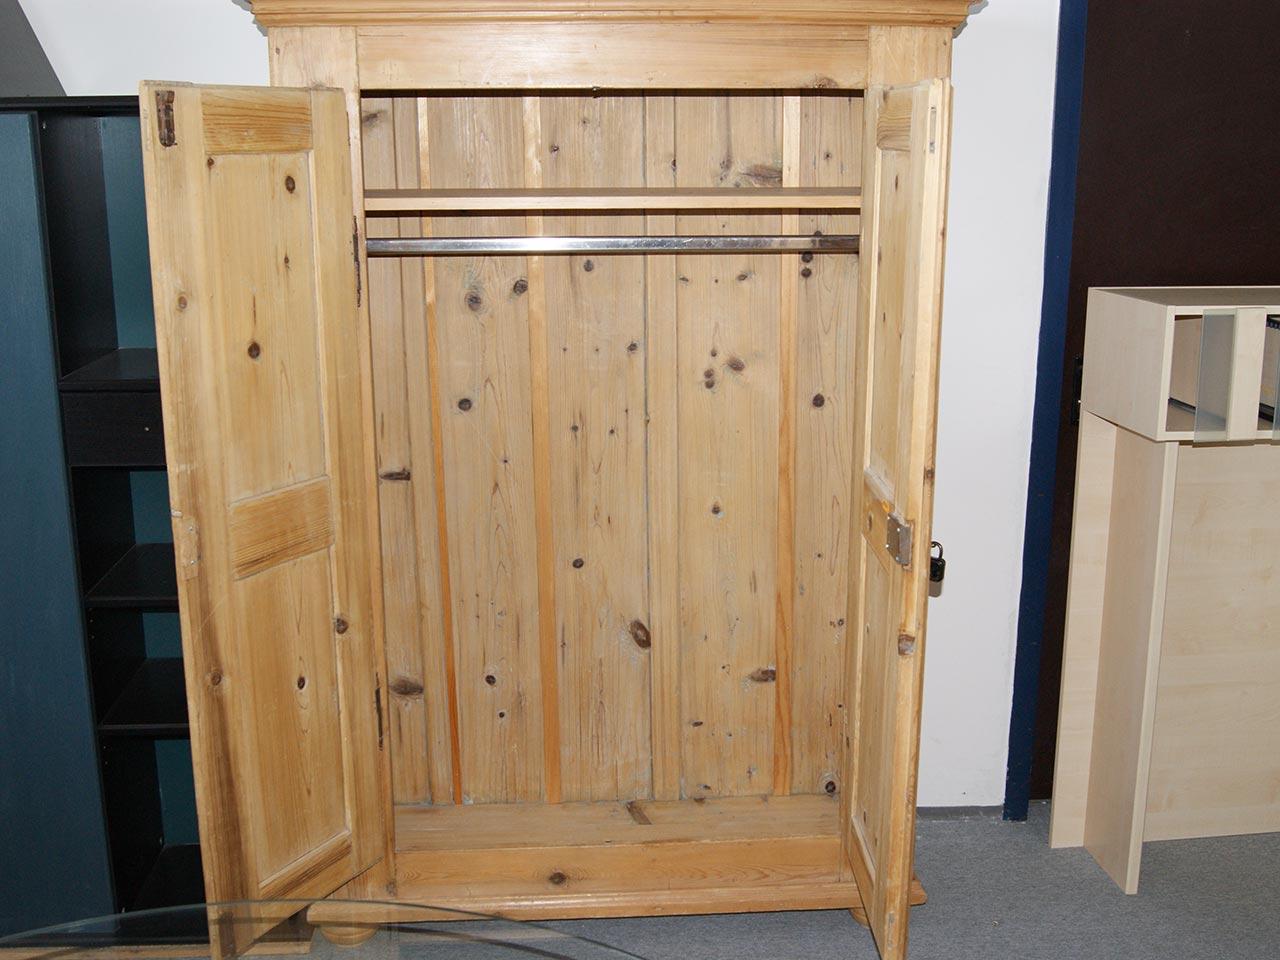 alter bauernschrank kleiderschrank landhausstil fichte natur antik schrank ebay. Black Bedroom Furniture Sets. Home Design Ideas